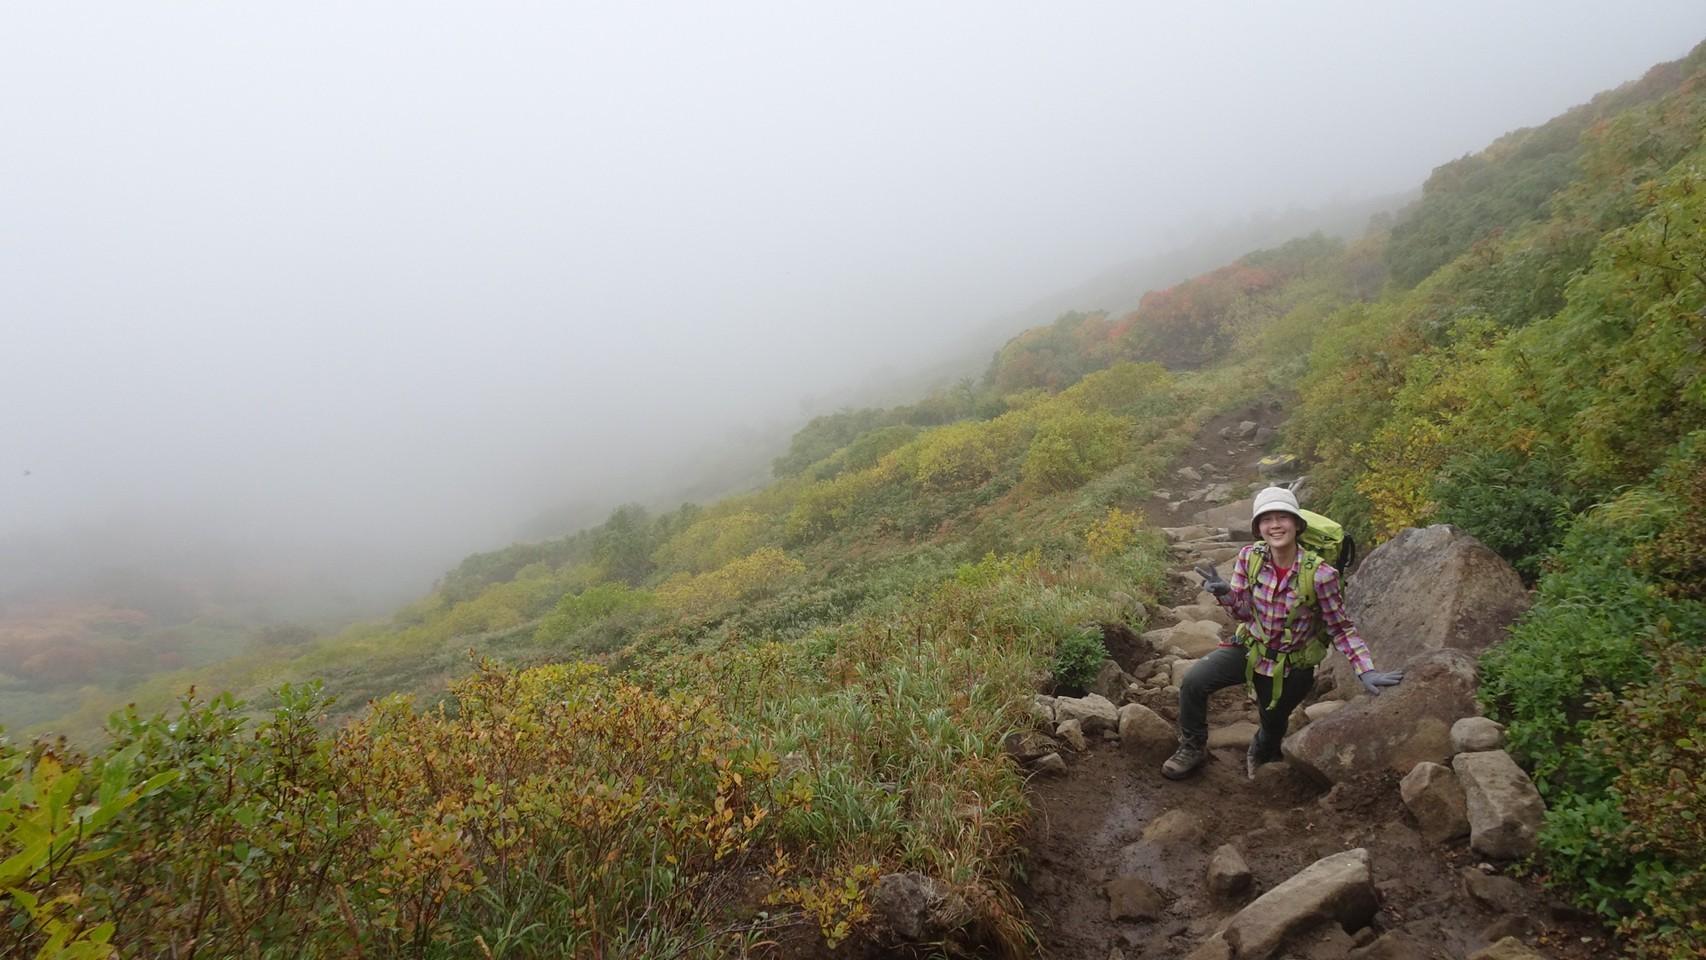 日本一早い紅葉を見に赤岳へ。奇跡のナッキーに会えました♪_d0198793_13002100.jpg